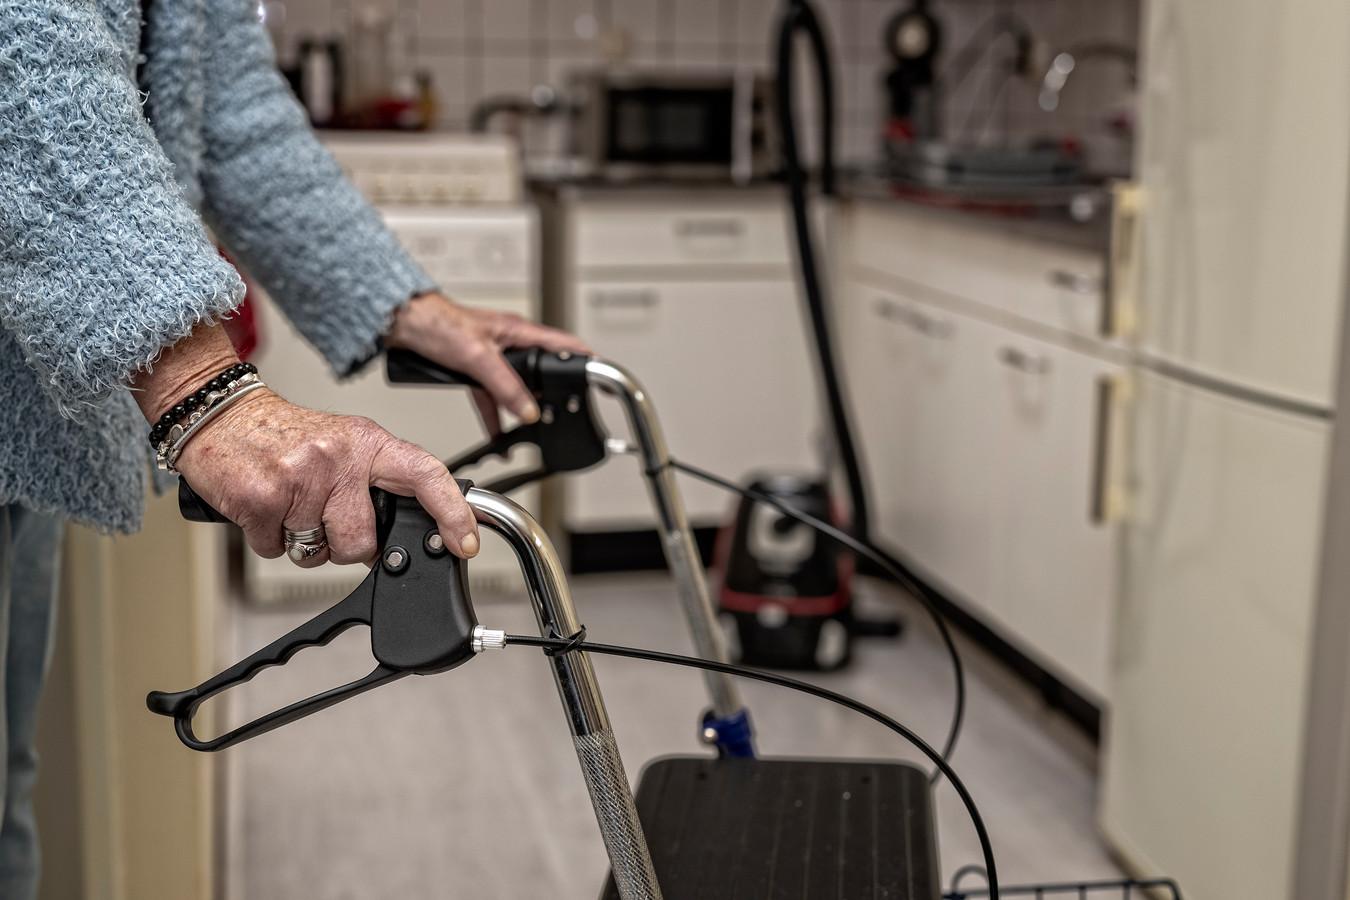 Ondersteuning vanuit de Wmo kan vele vormen krijgen: van een rollator of scootmobiel tot huishoudelijke hulp of hulpverleners die huisbezoeken afleggen.